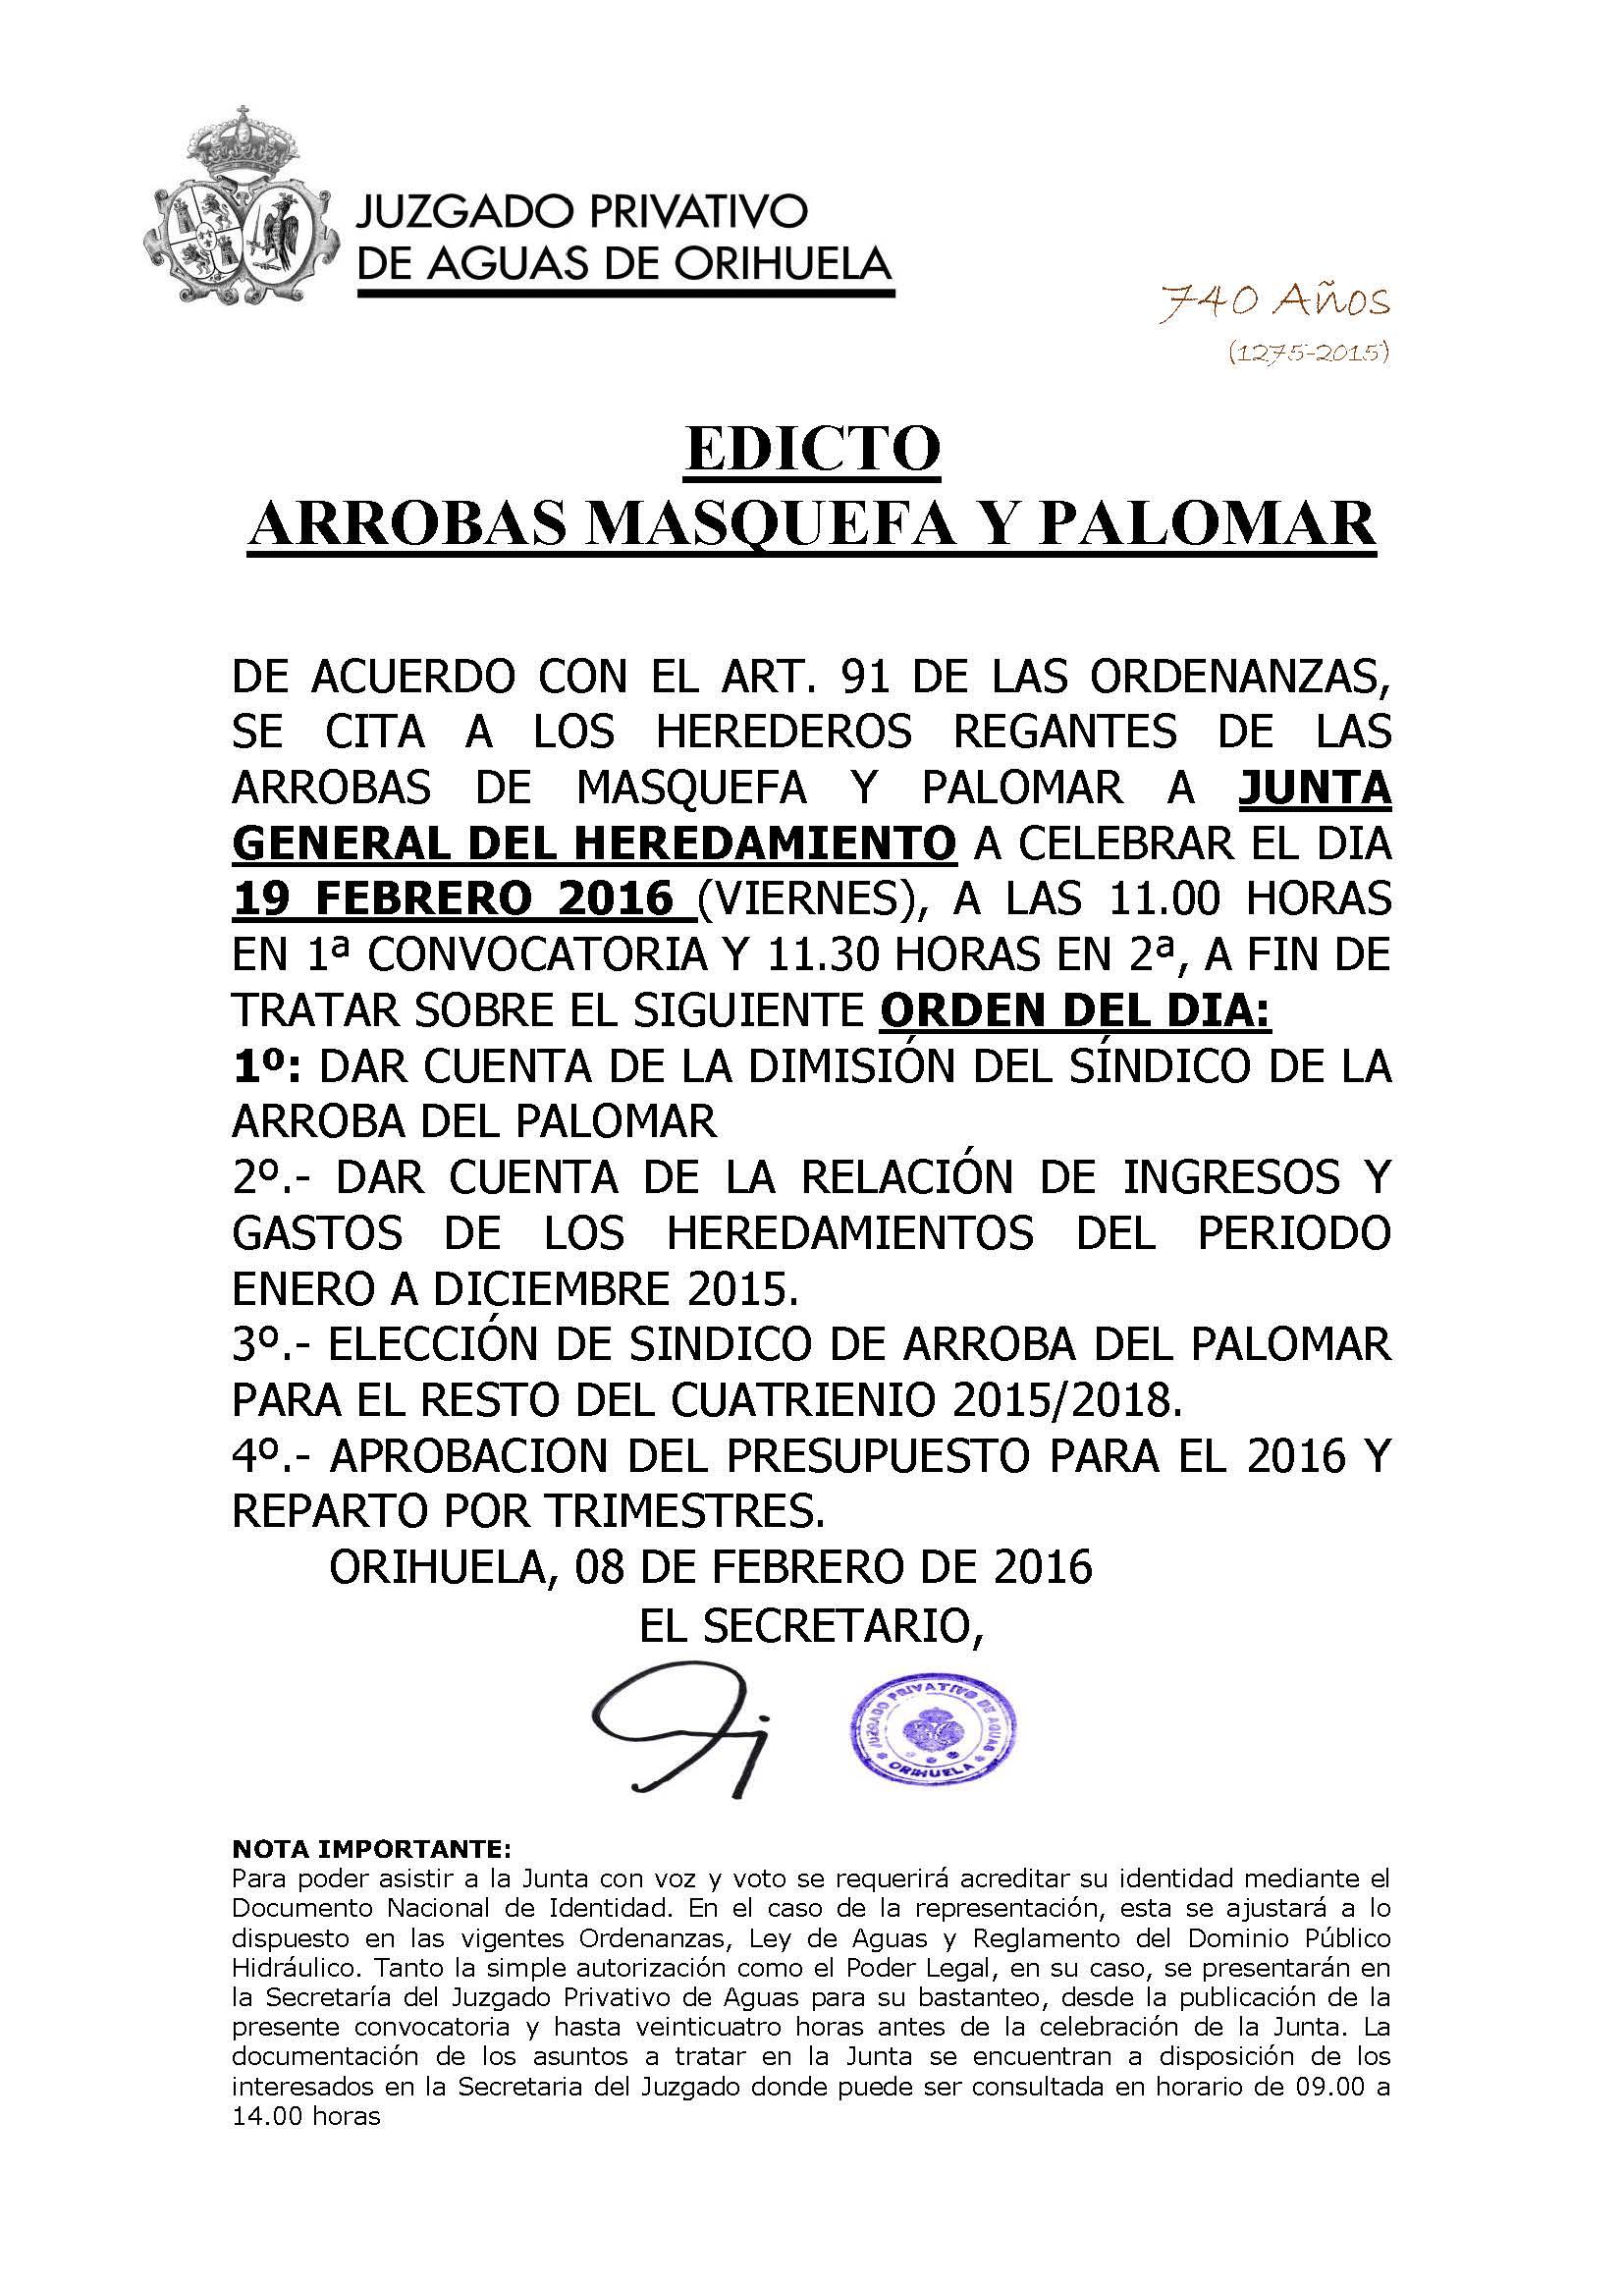 31 2016 arrobas de masquefa y palomar. edicto convocatoria junta